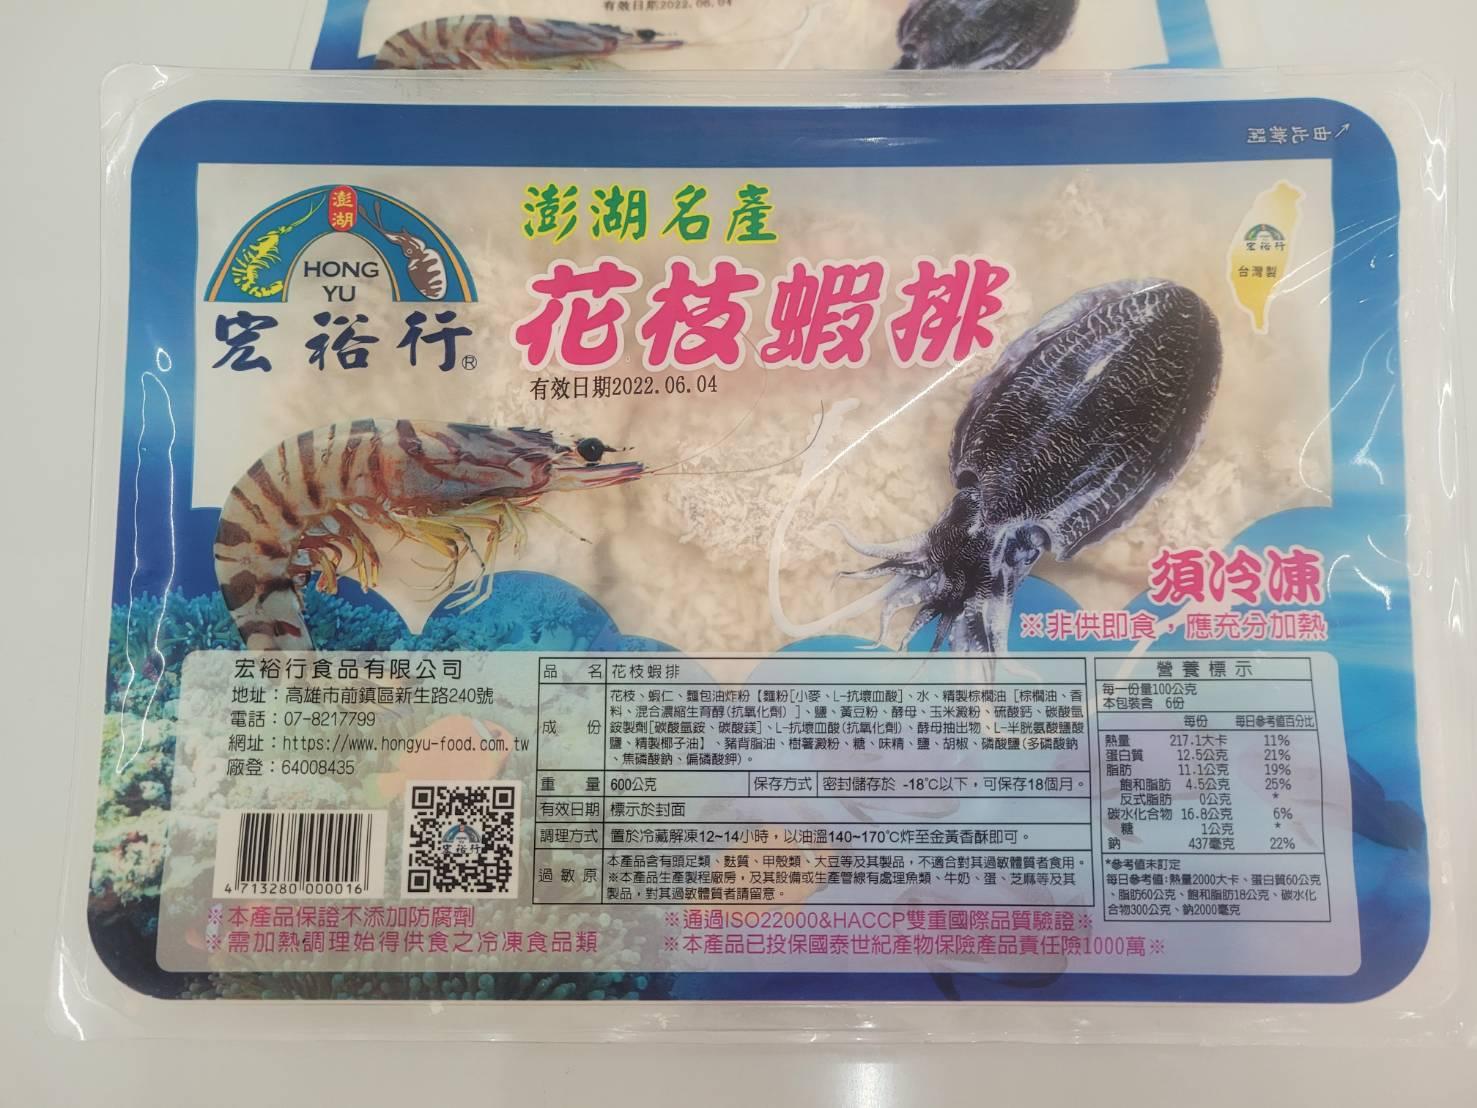 [品隆食品] 宏裕行花枝蝦排  (600g10g)